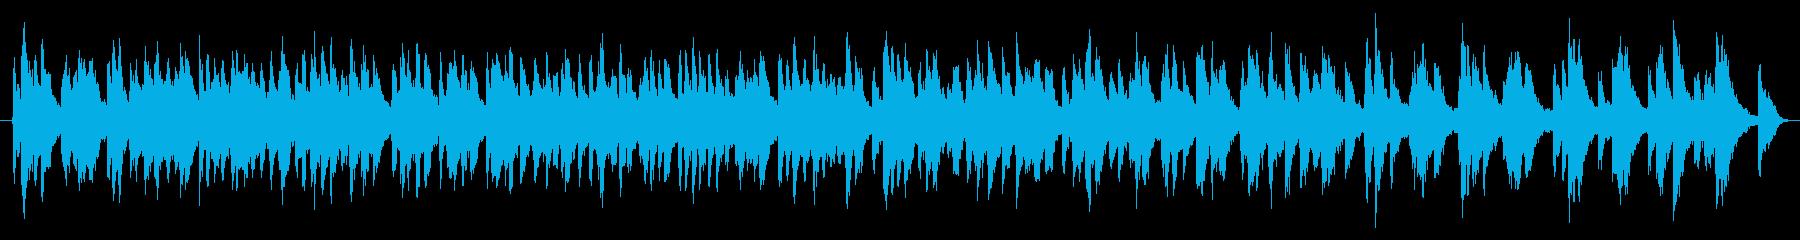 ウォルサム教会:6つの鐘:リンギン...の再生済みの波形